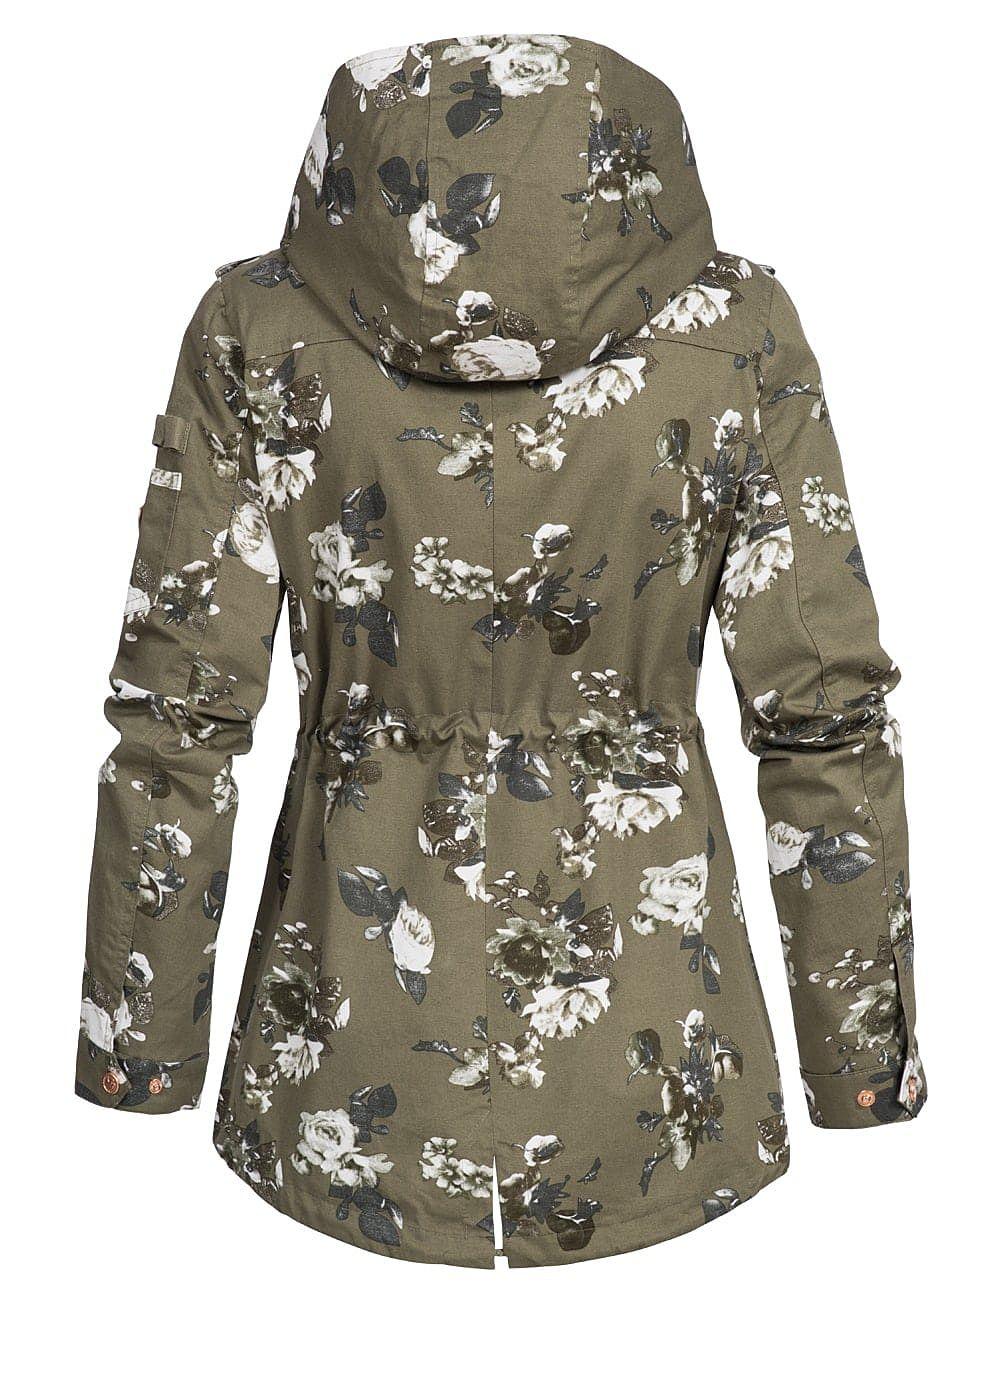 Aiki Damen Übergangs Parka Kapuze Blumen Muster 2 Taschen Taillenzug ... 31012521520